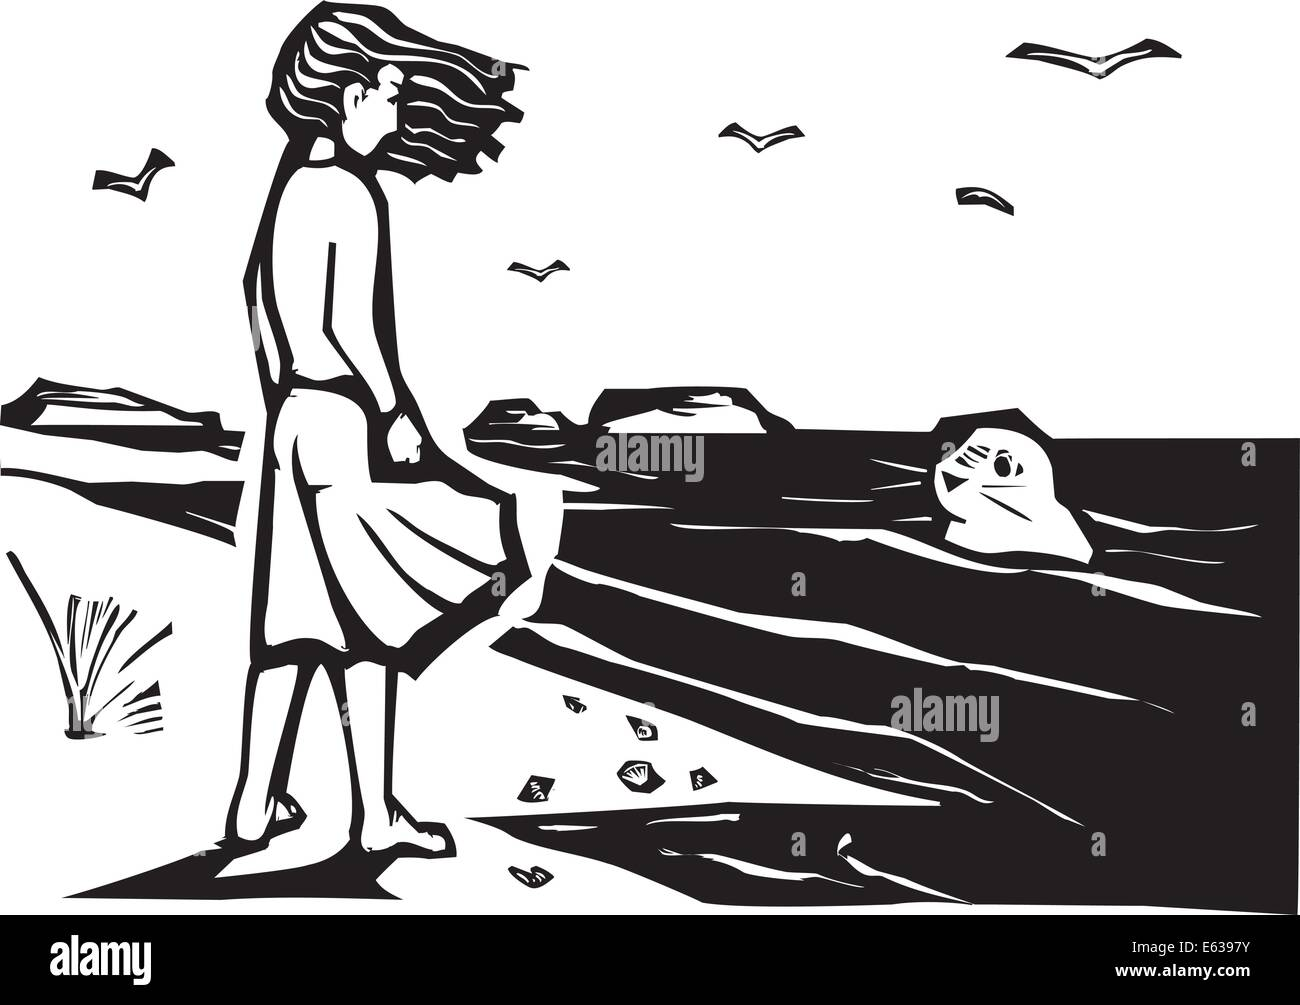 Image style gravure sur bois d'une fille sur une plage en regardant un phoque commun dans les vagues. Photo Stock